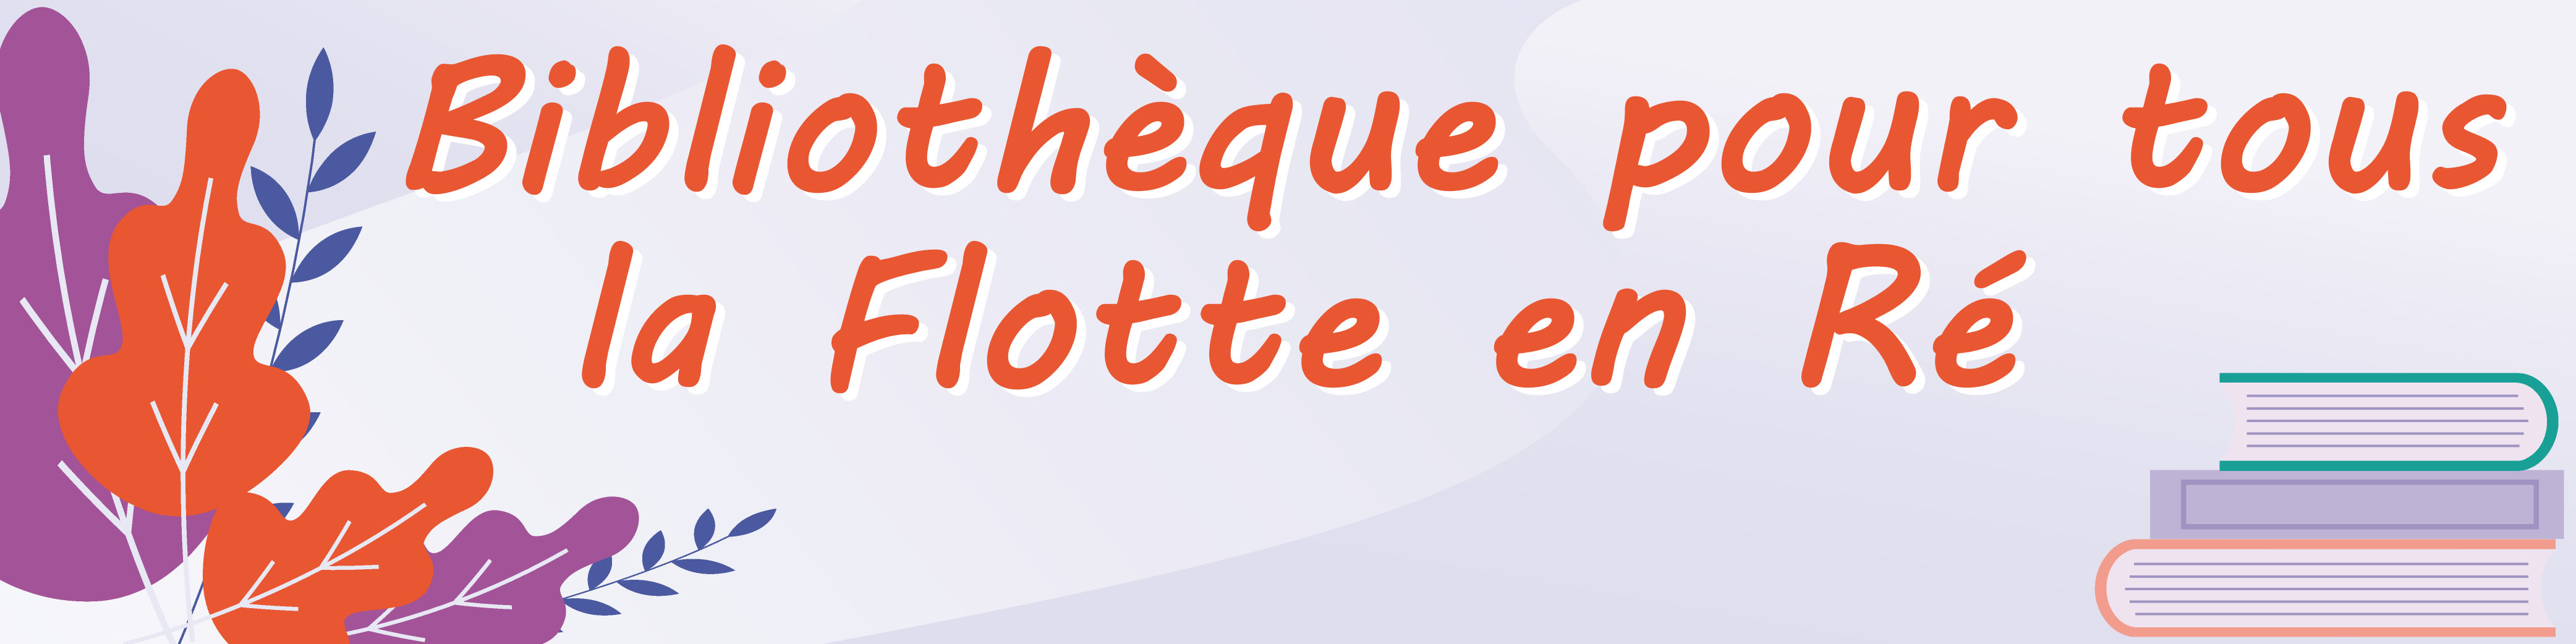 Bibliothèque La Flotte en Ré